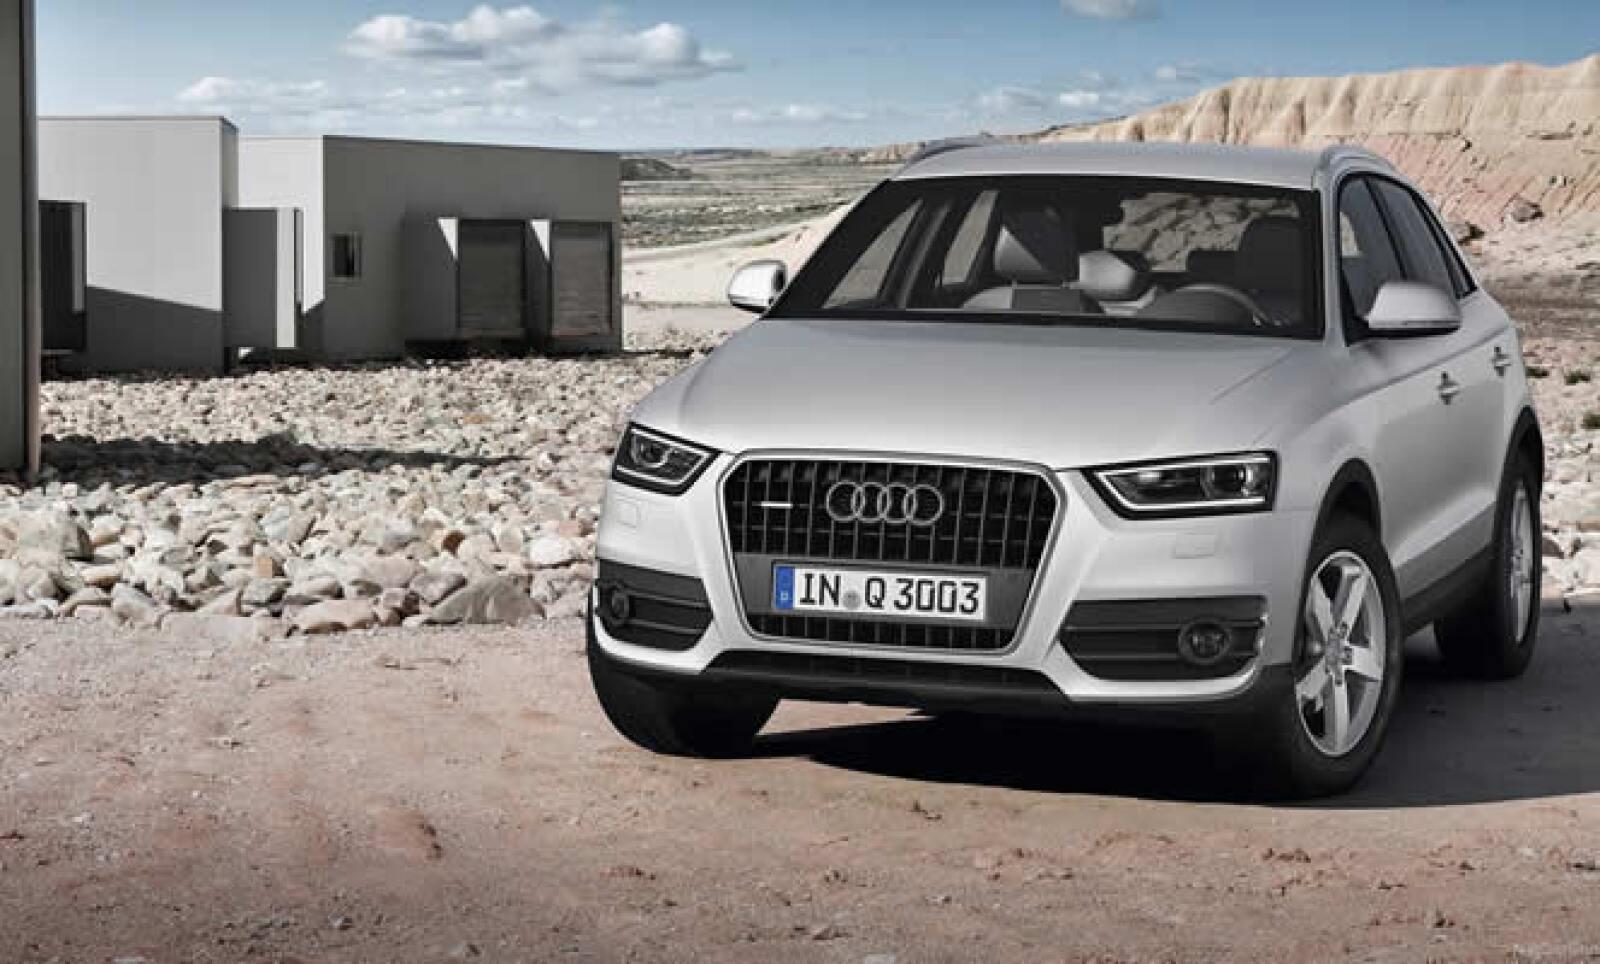 Gracias a su nuevo diseño, el modelo pesa apenas 1,500 kilogramos, una reducción de poco más de 200 kilos respecto a su anterior edición.